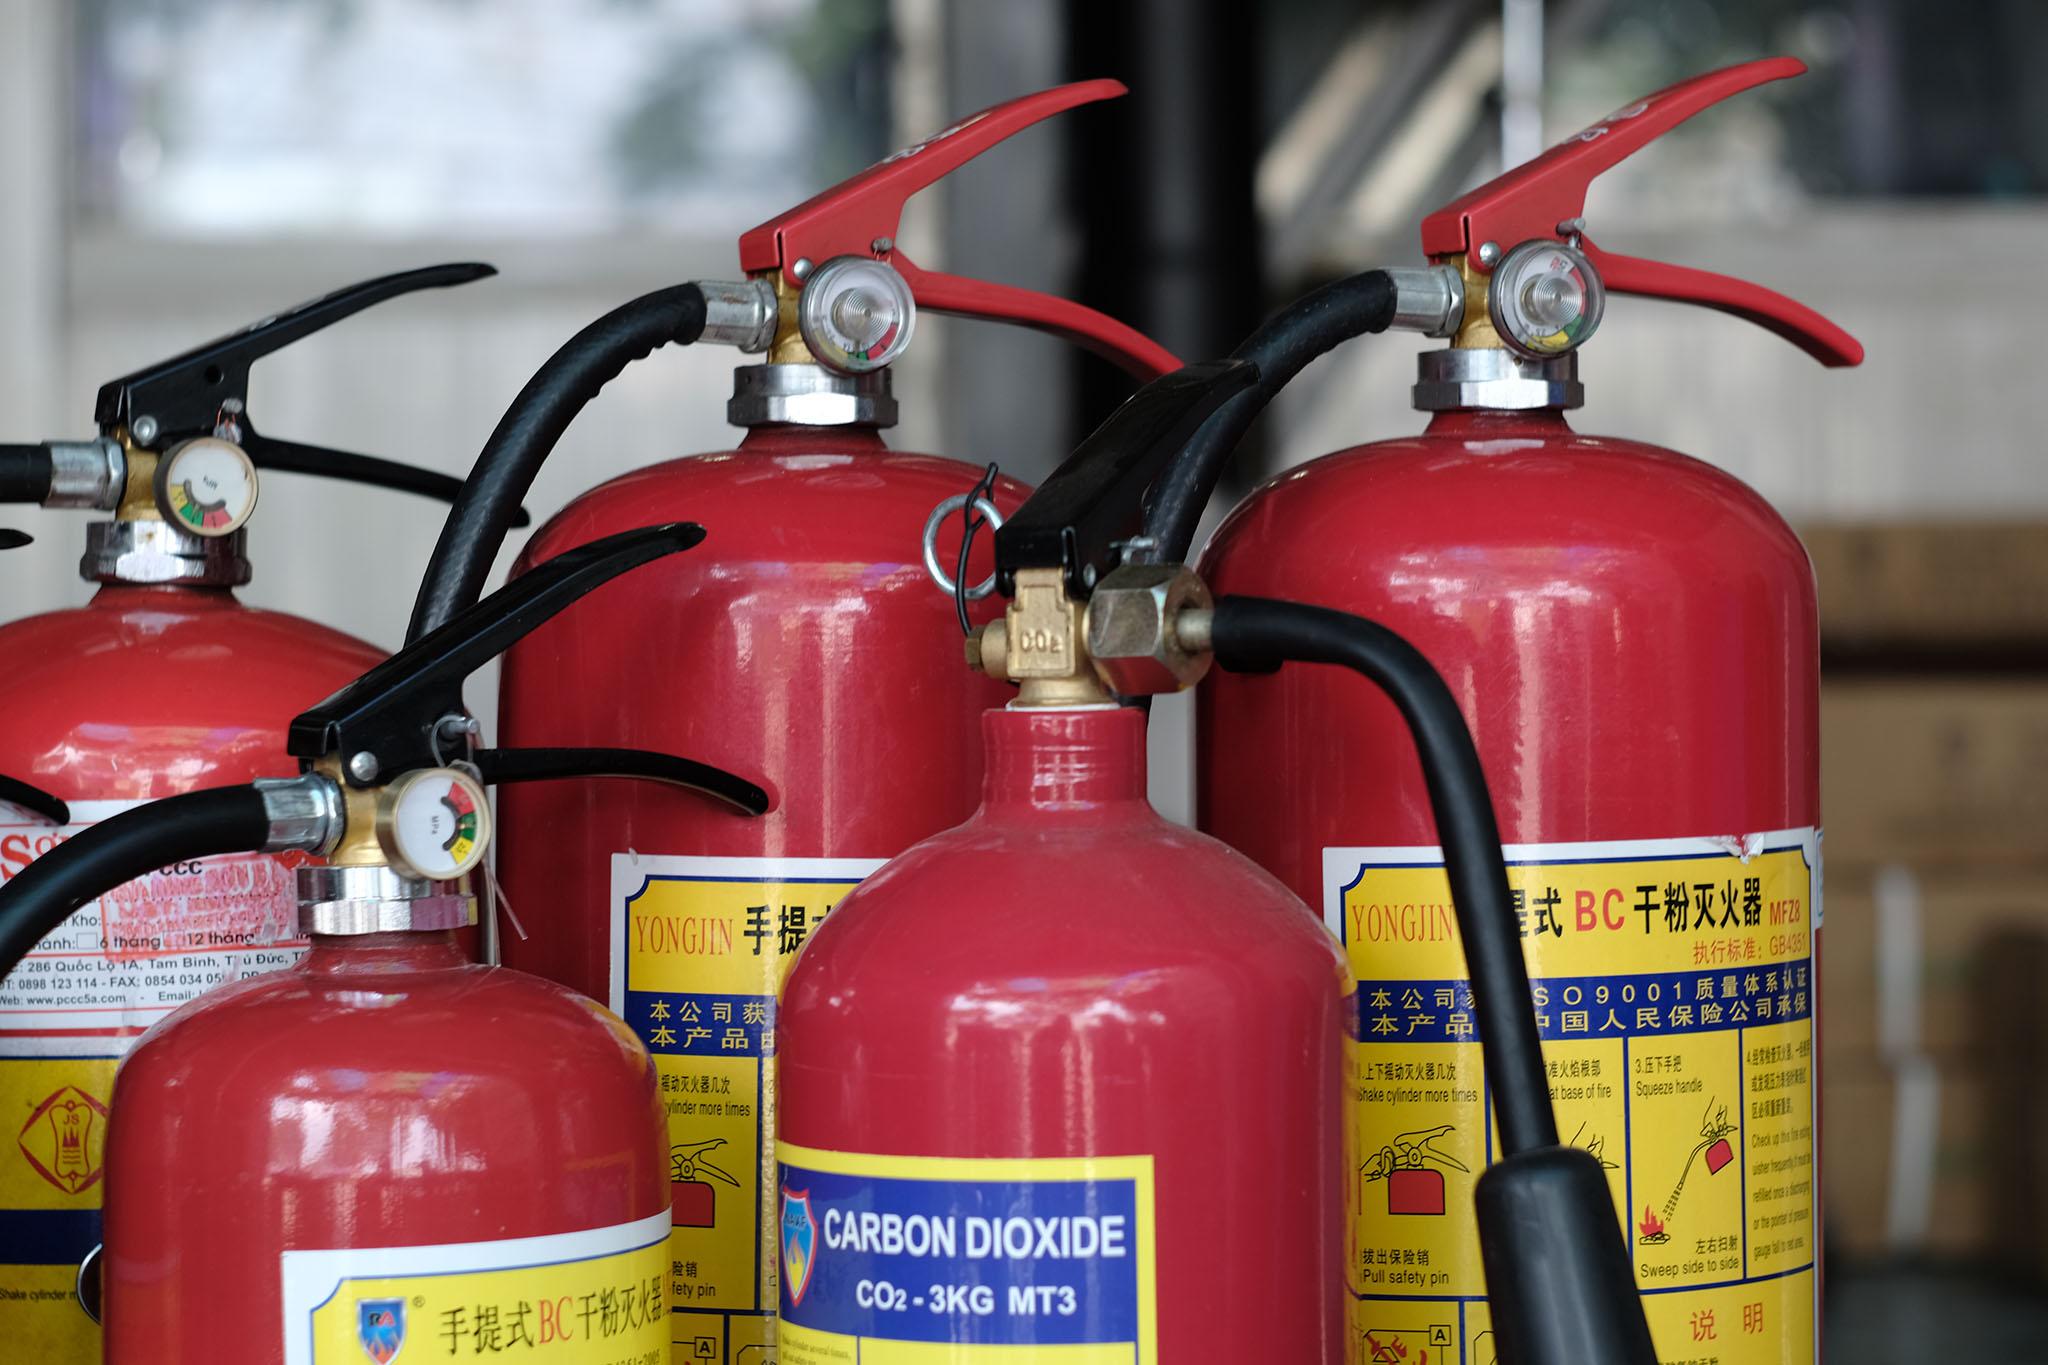 Địa điểm bình chữa cháy ở An Giang chất lượng cao